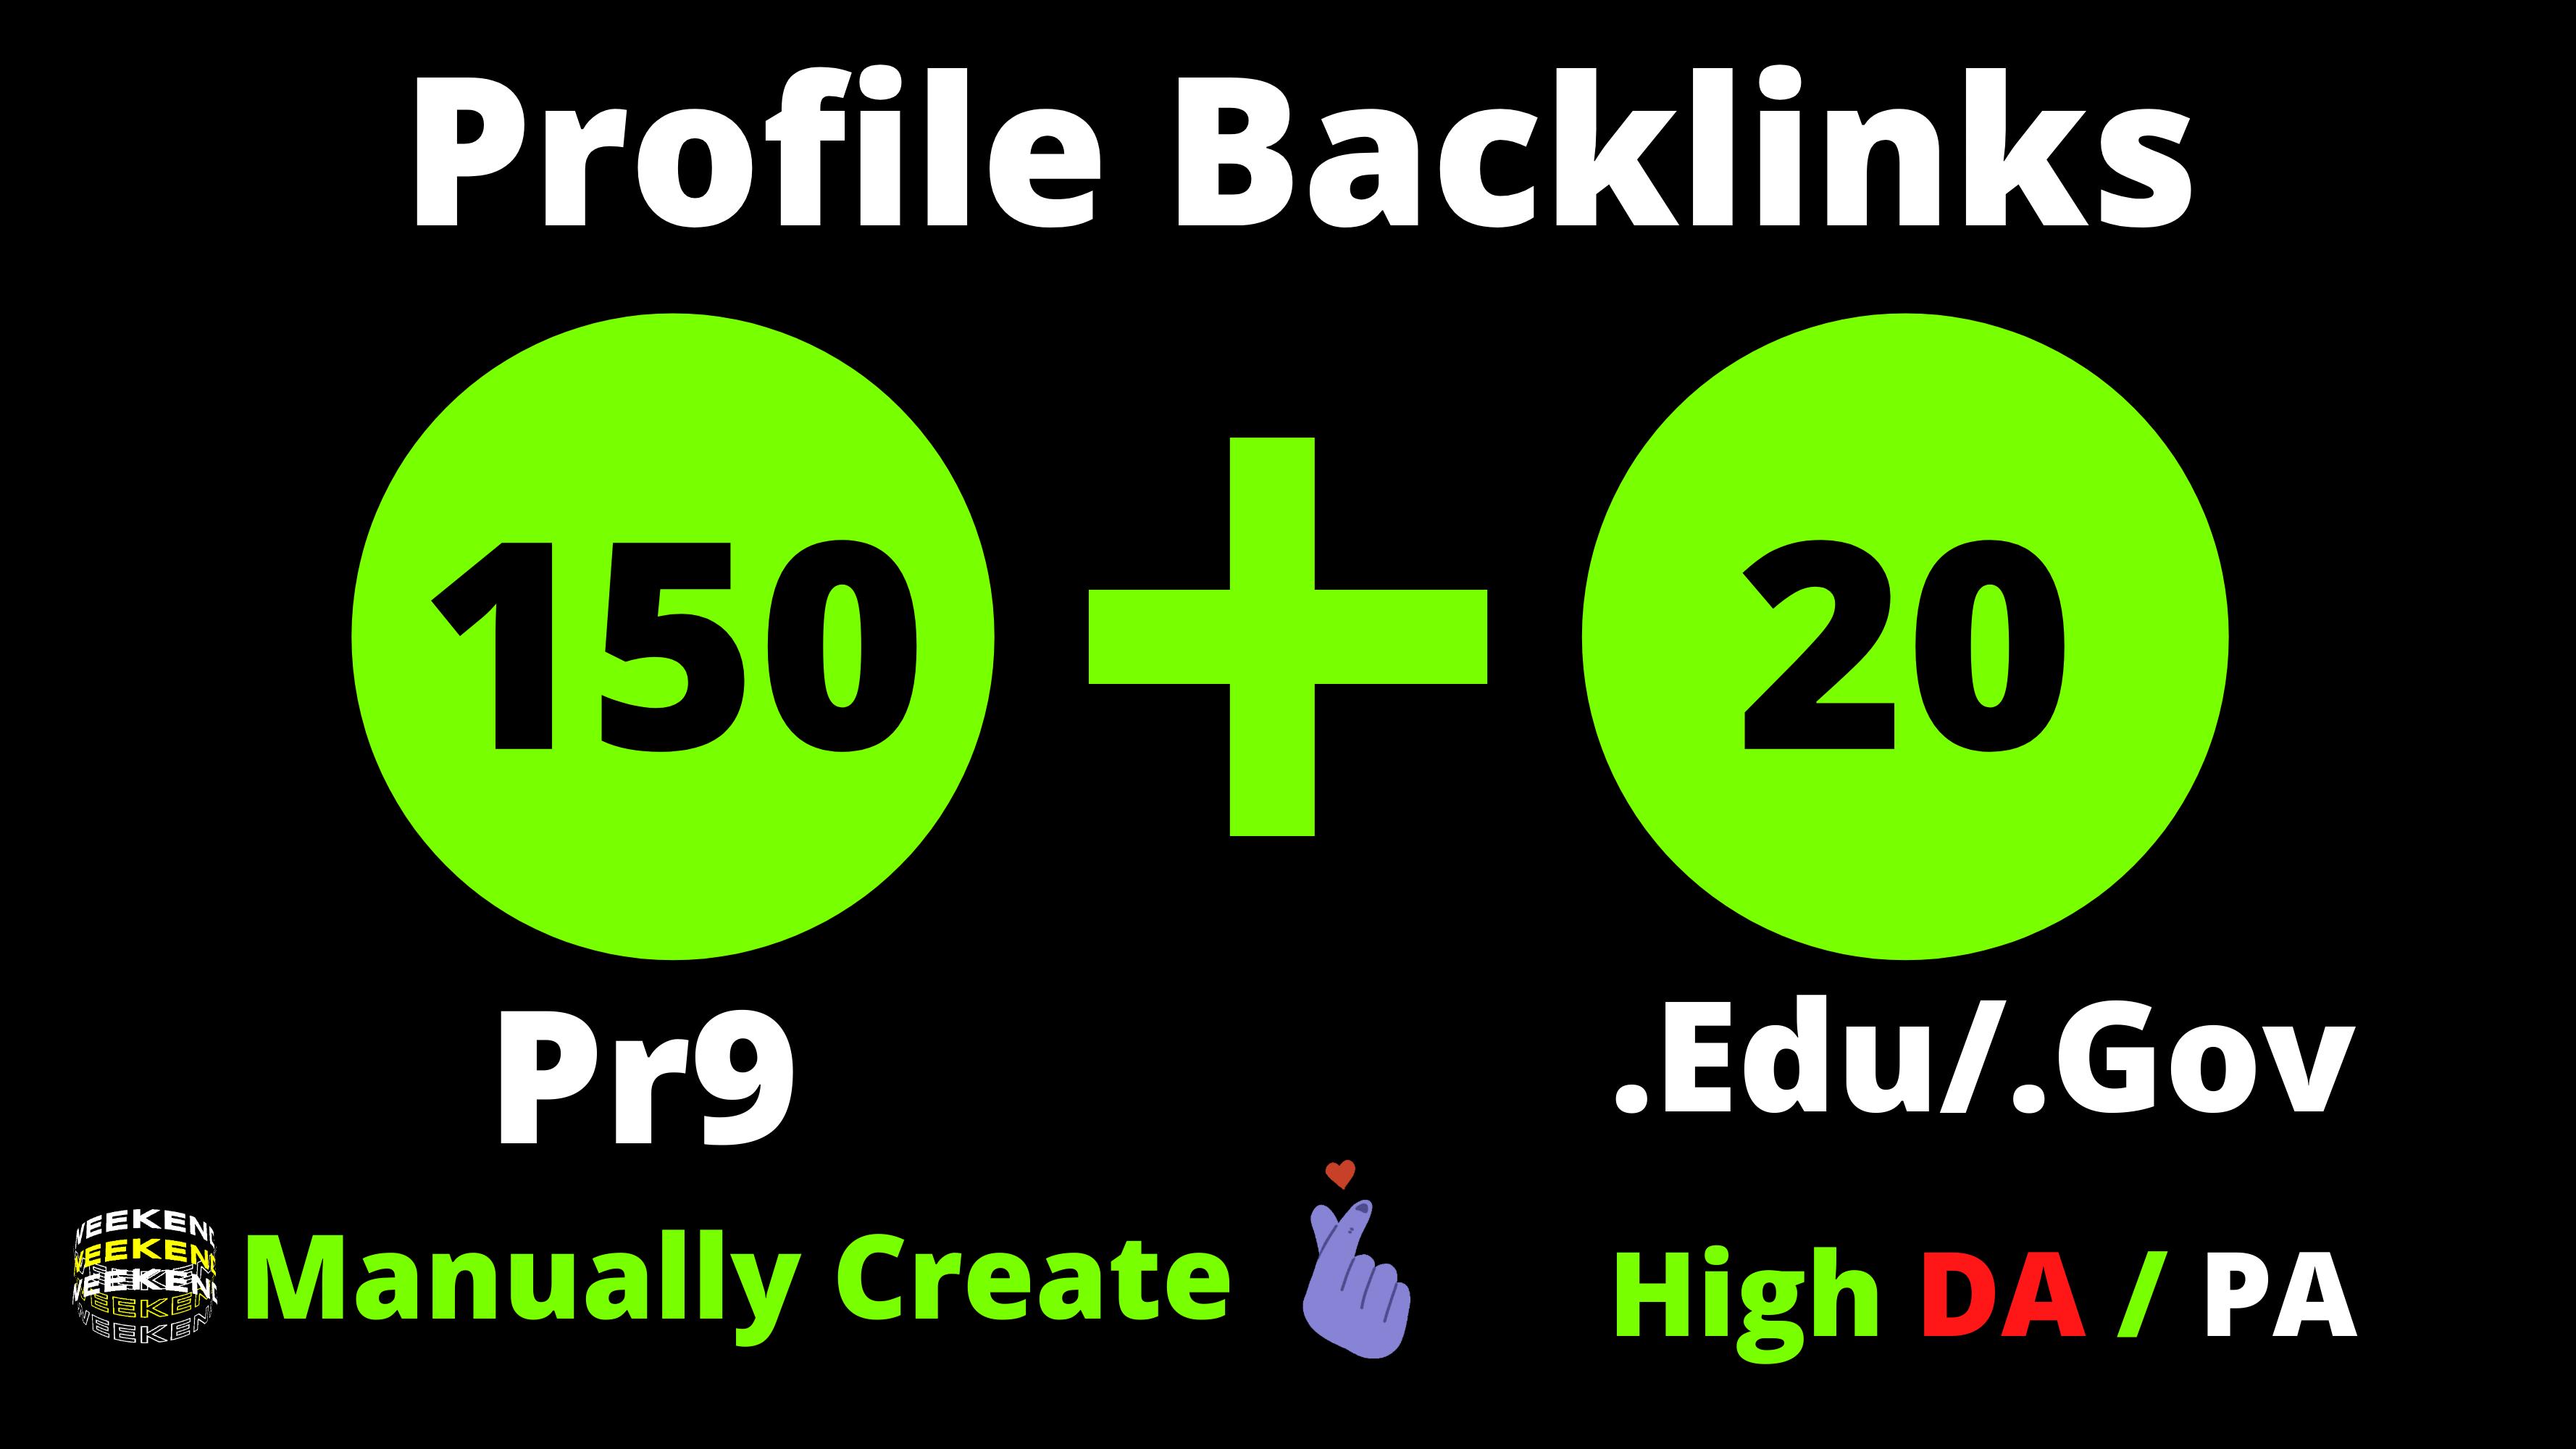 150 Pr9 + 20 Edu/Gov Pr9 High Authority Profile Backlinks & Quality Link Building